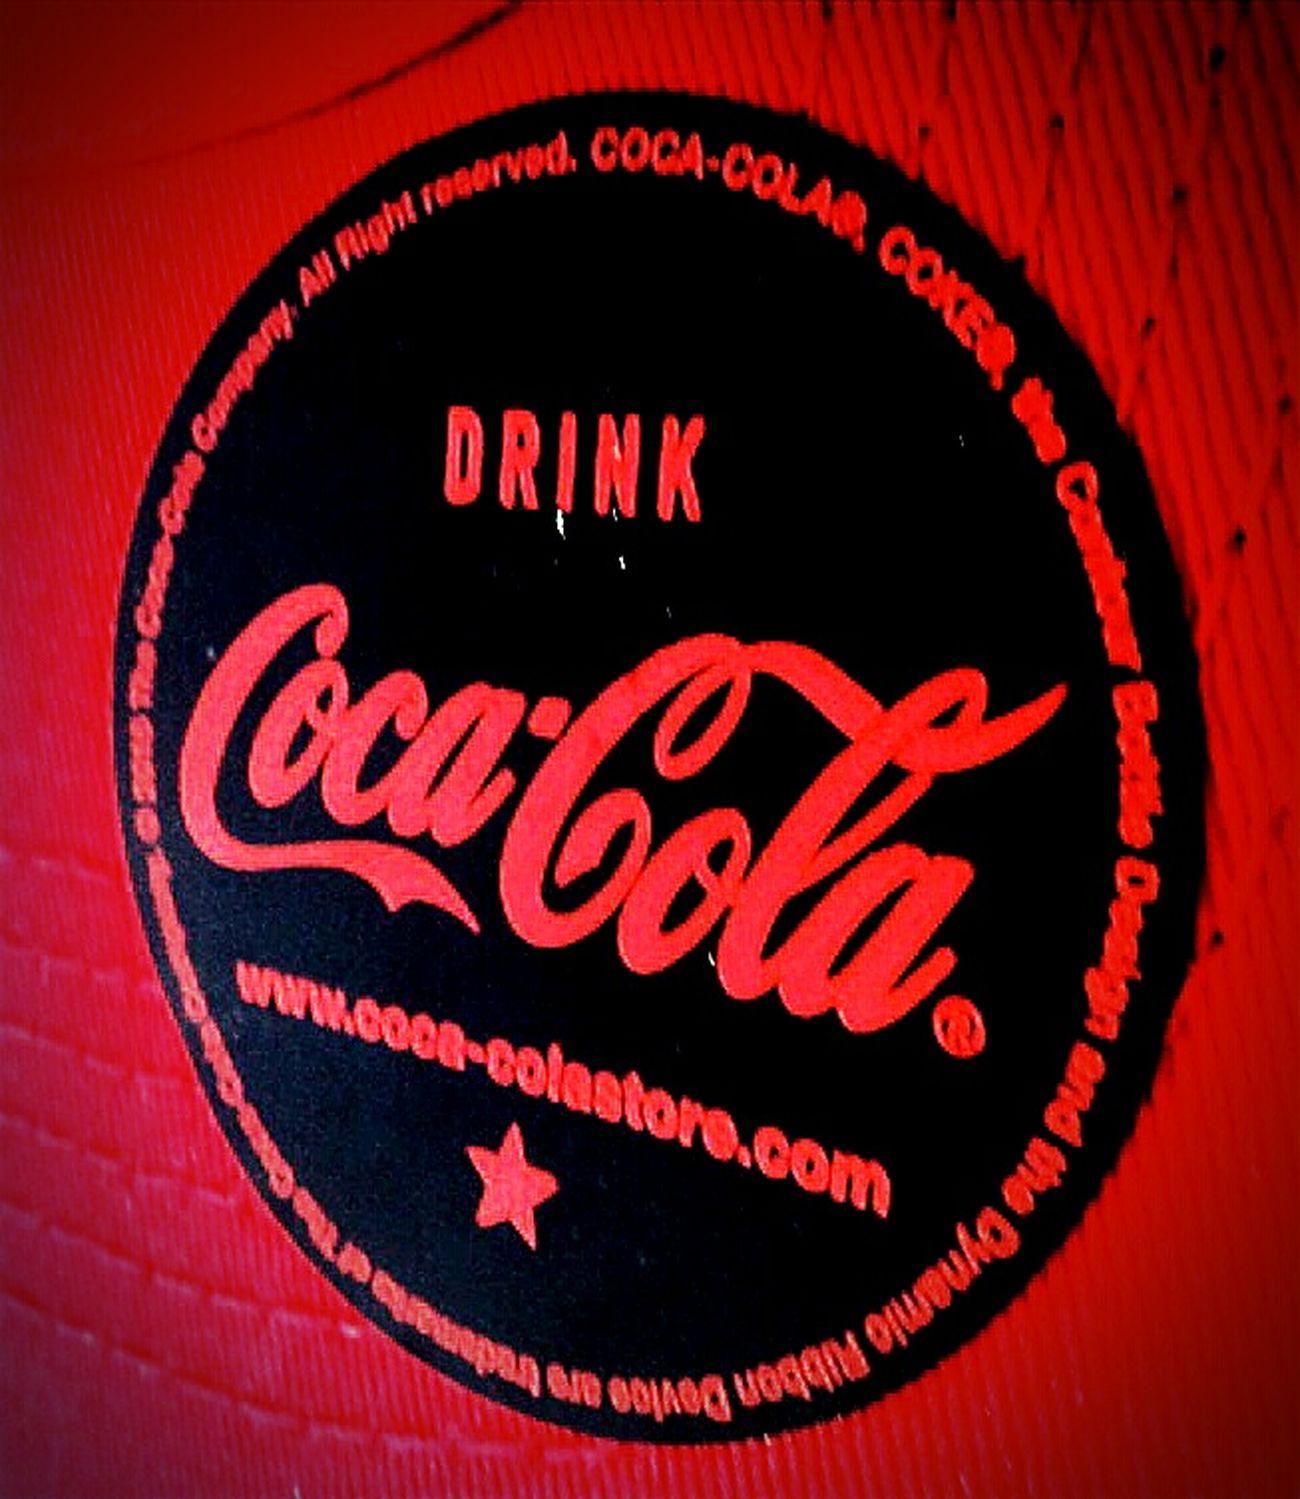 Coca~Cola ® Coke Coca-cola Coca-Cola, Label/logo/sign Logo The Dynamic Ribbon™ Coca Cola COKE Merchandise Badges Drink Coca~cola ® Coca-Cola ❤ Coke :) Coca Cola *-* Enjoy Coca~Cola Coke Design Cocacola Coca~Cola Labeling Drink Coke Coca~cola Cocacola ✌️ Coca Cola ✌ Coca Cola ❤️ Coke Collection Signs, Signs, & More Signs Drink Coca-cola